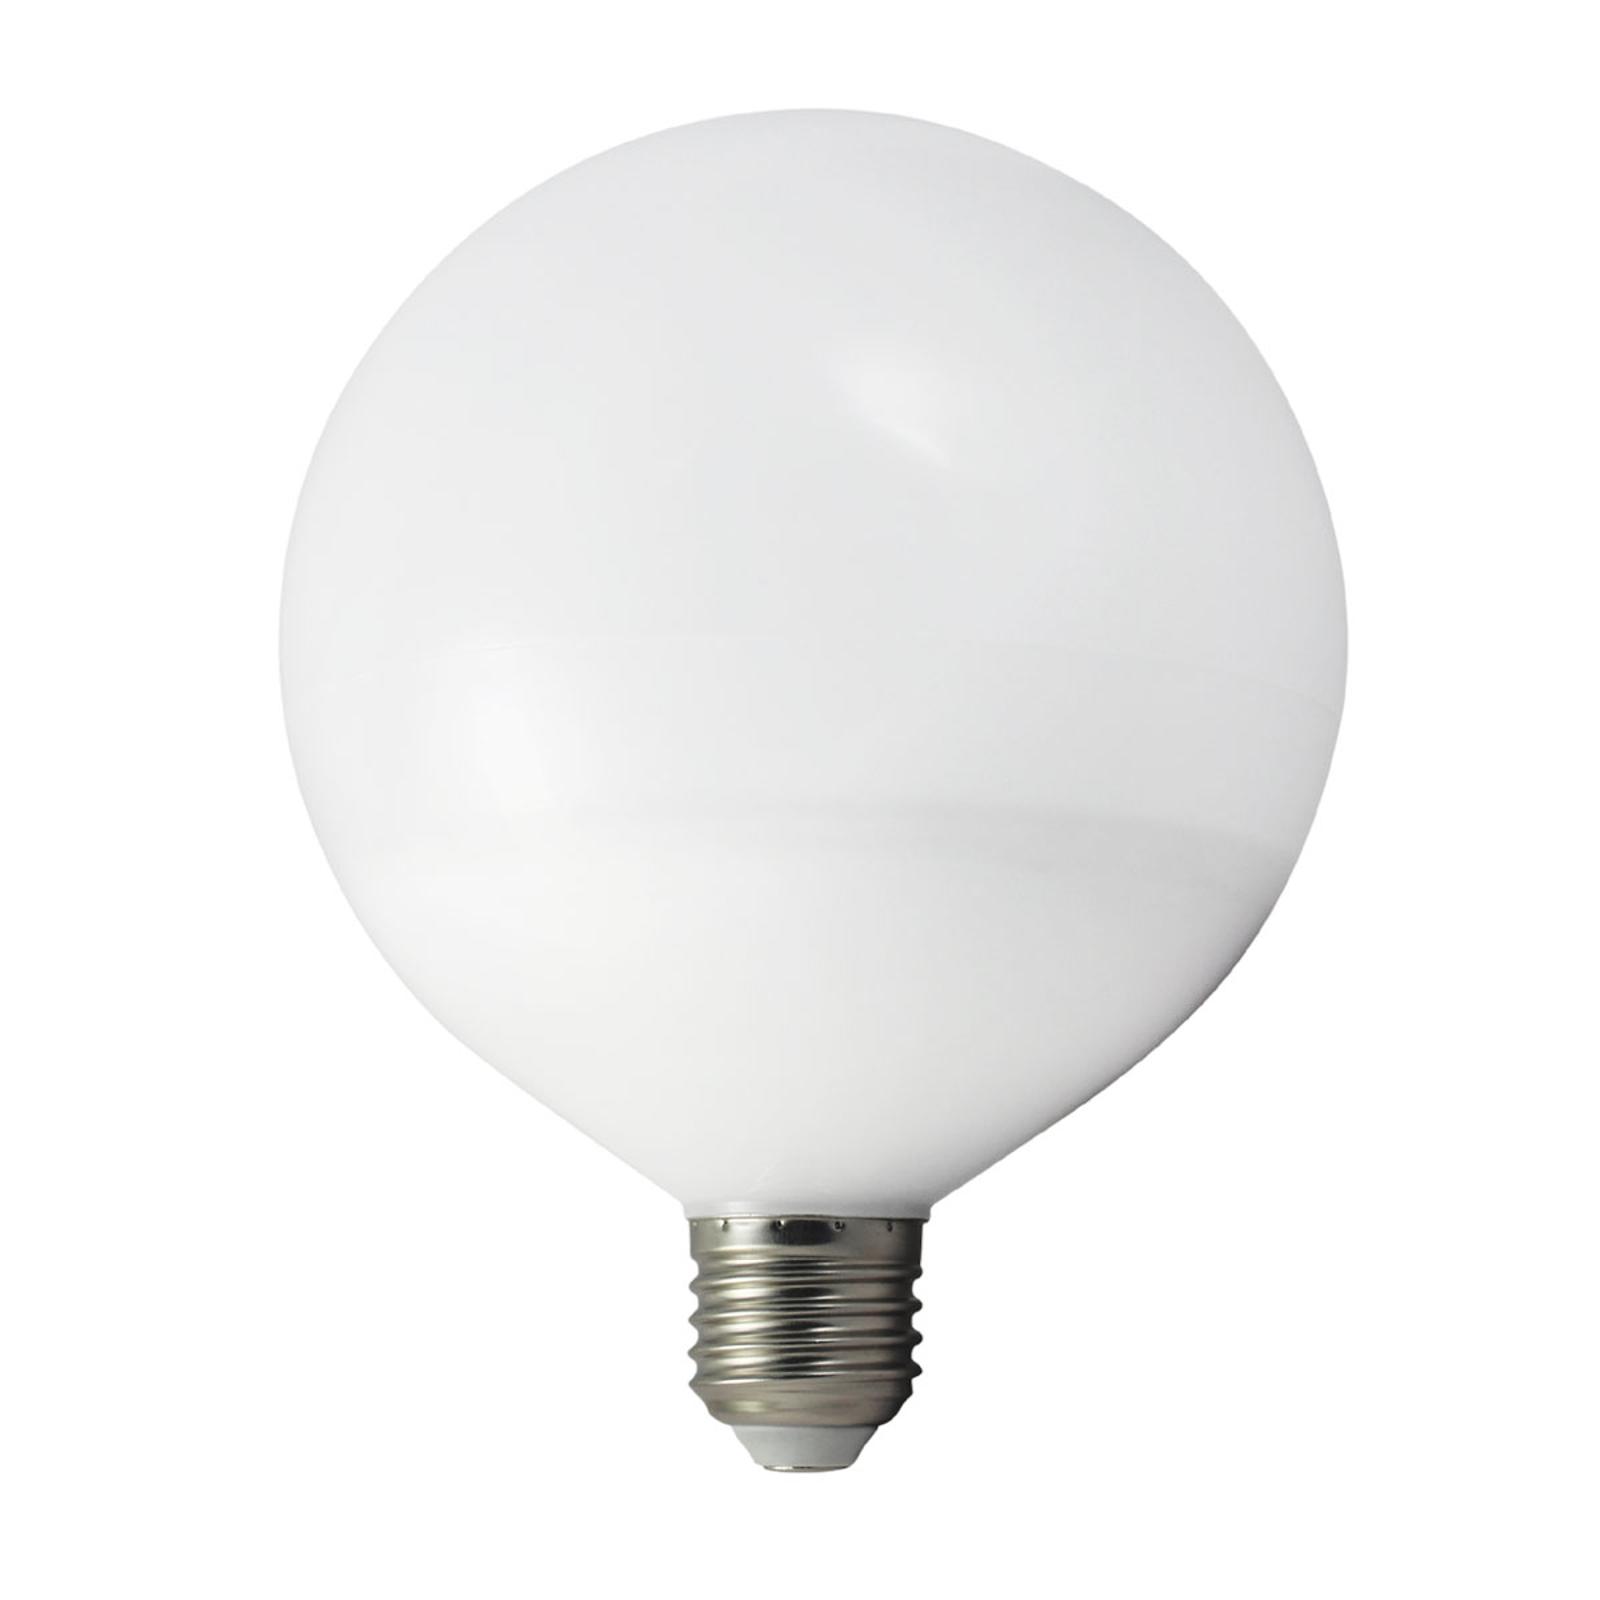 E27 15W 827 LED-pære klode, varmhvit